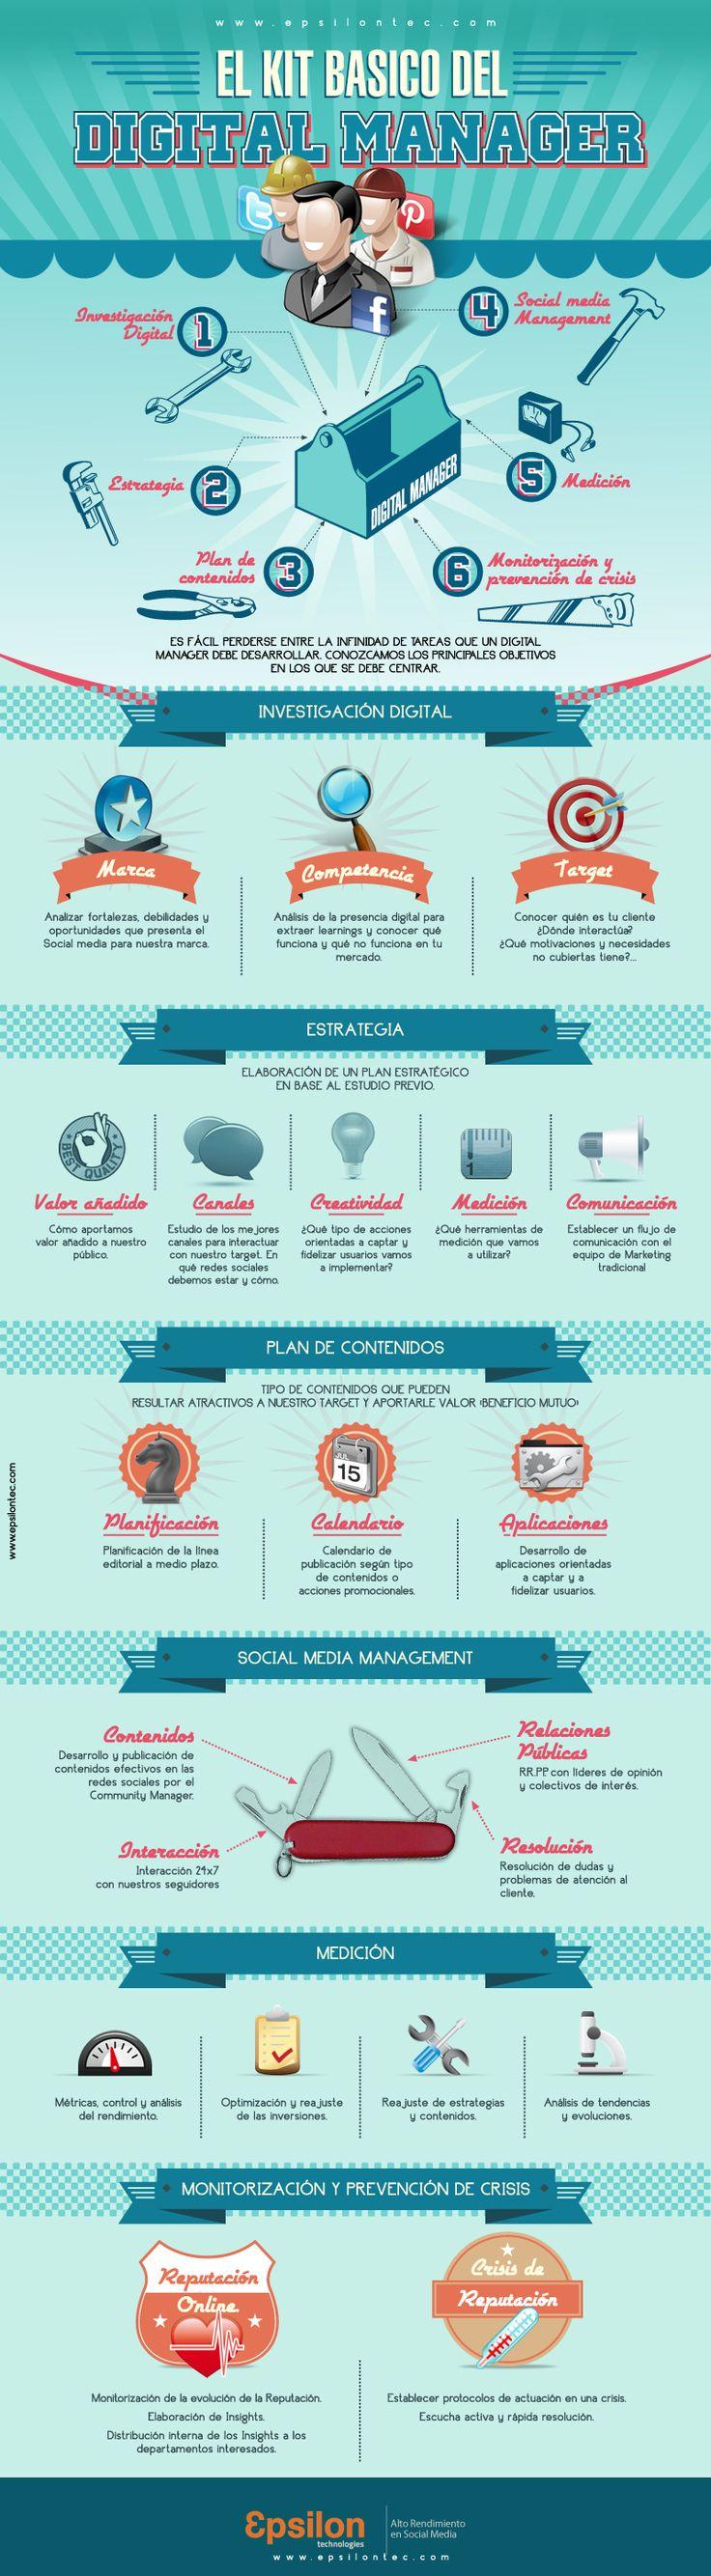 el Digital Marketing Manager ha emergido con fuerza tras la consolidación de las estrategias digitales y la importancia del marketing online y los social media en las empresas.    Su perfil es cada vez más demandado entre las grandes empresas, debido a la complejidad y diversidad de retos y objetivos establecidos a través de las estrategias online